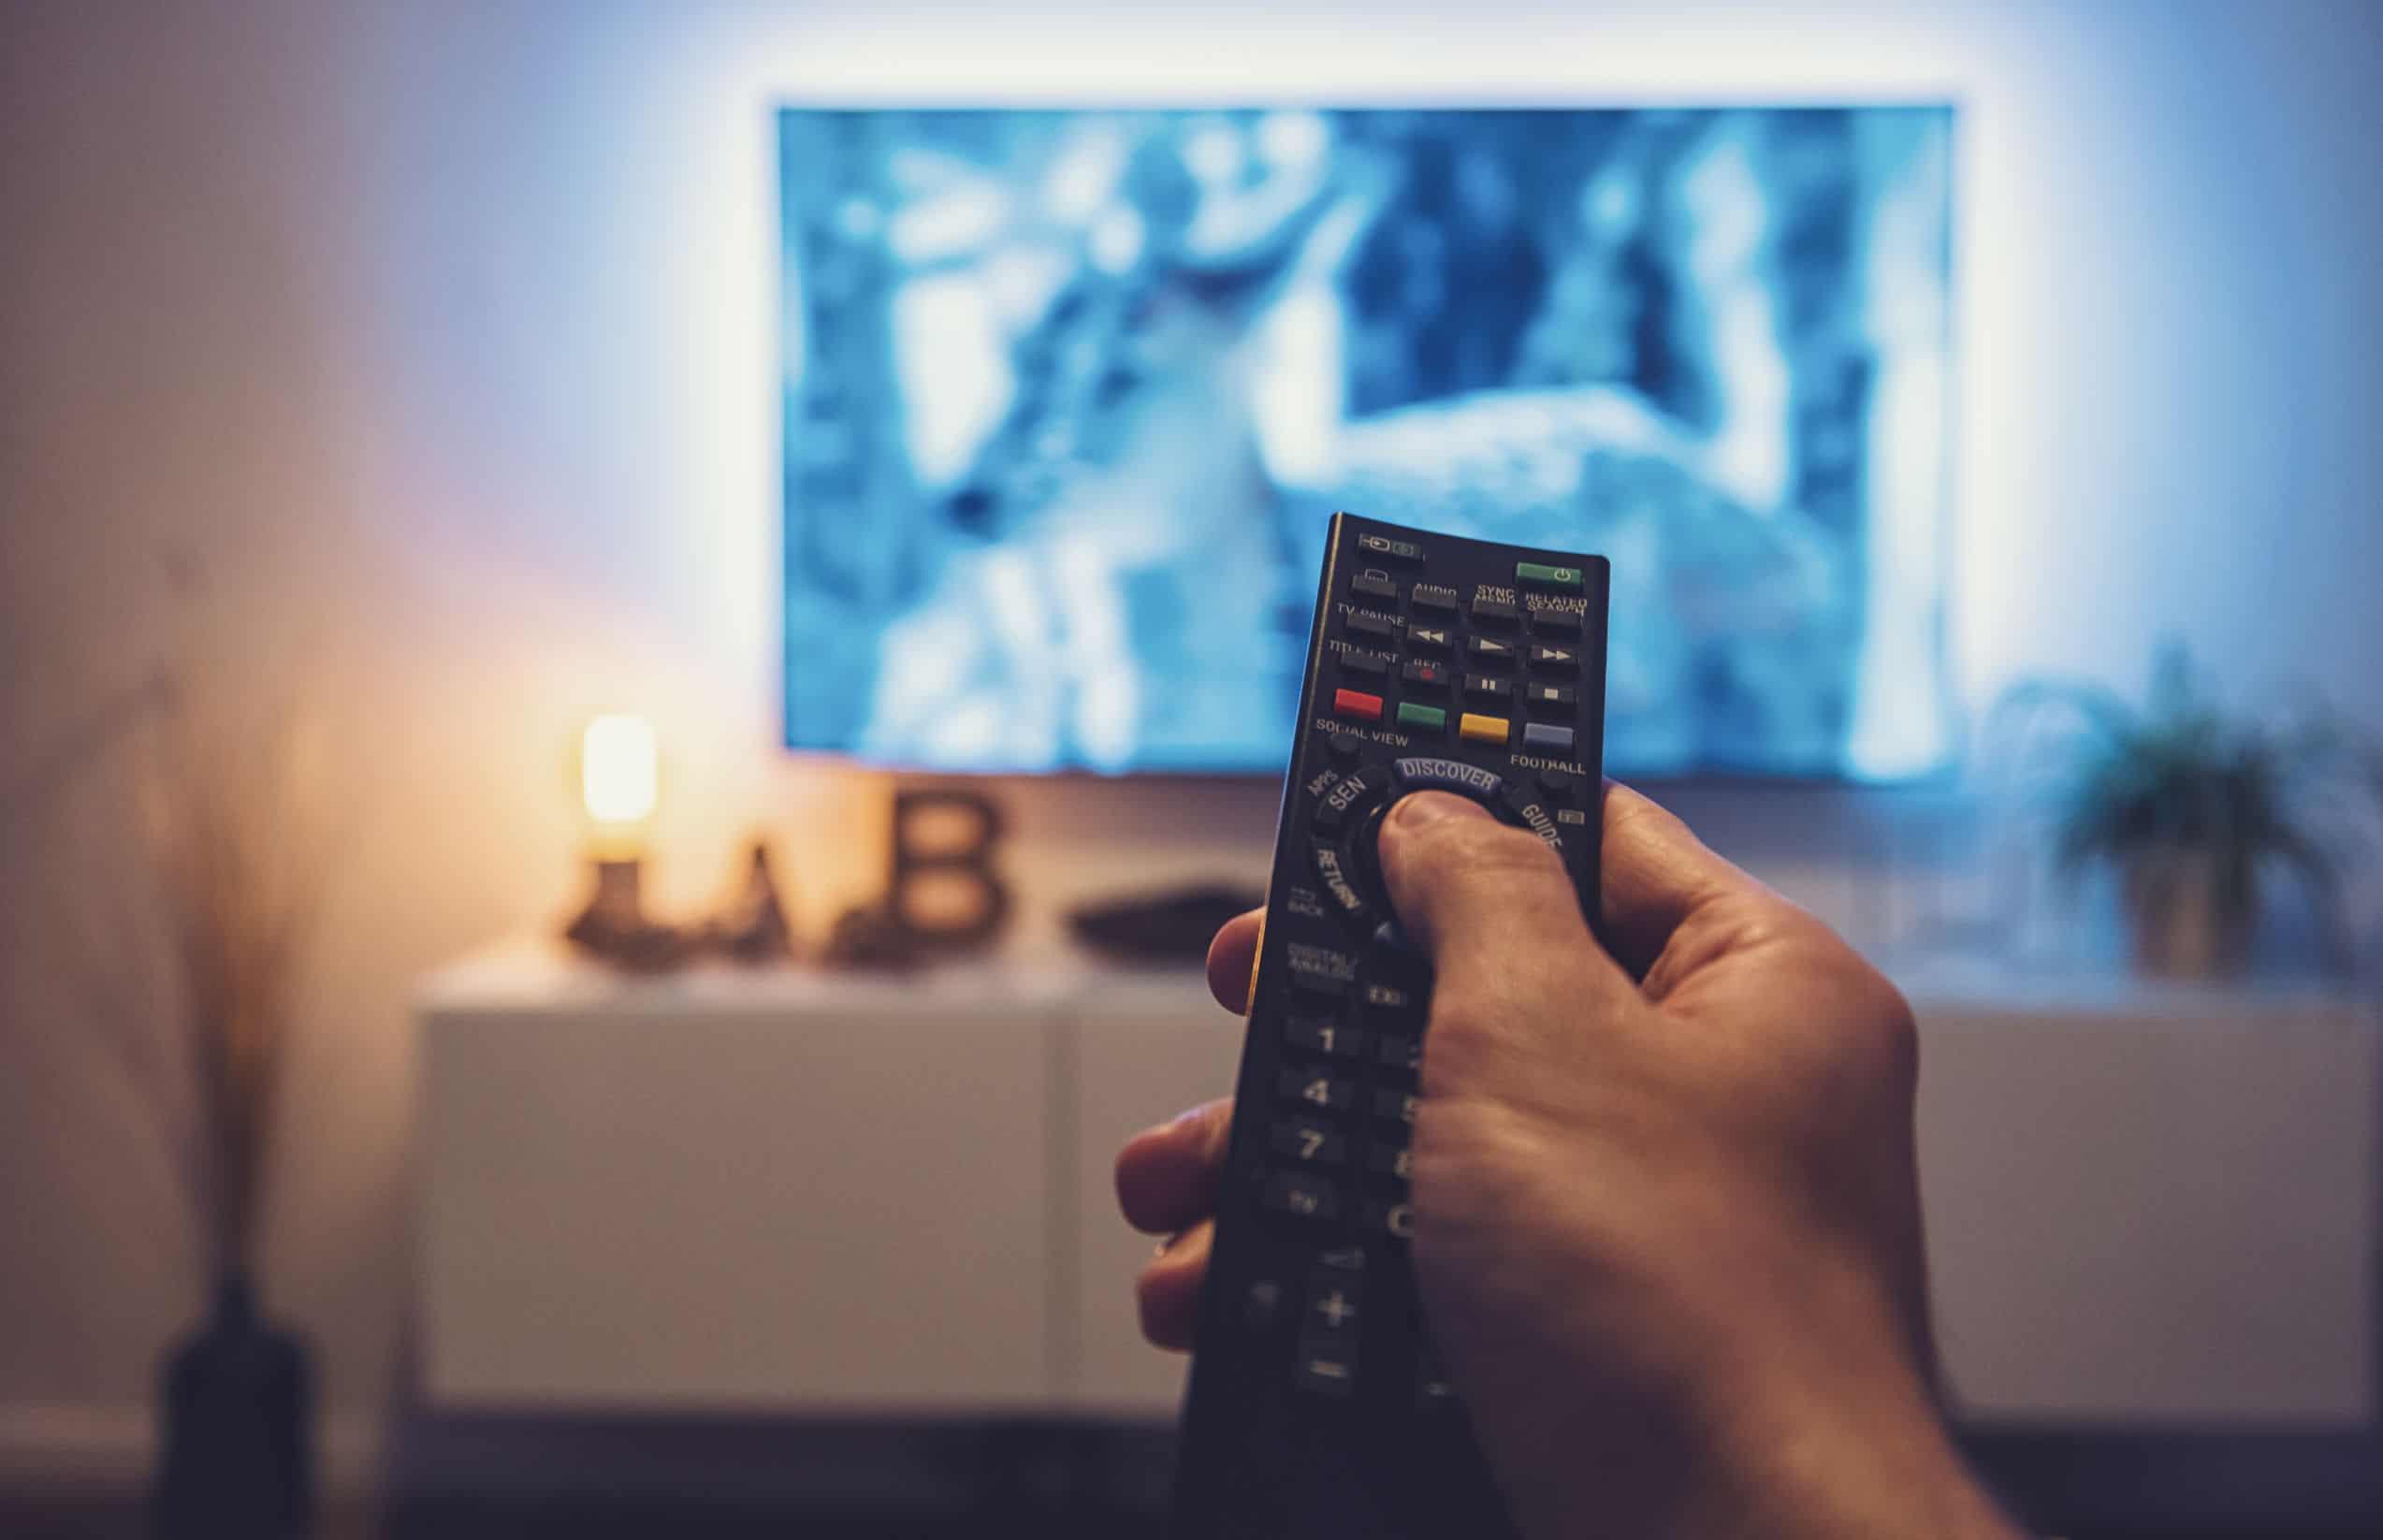 Reproductores de DVD: ¿Cuáles son los mejores del 2021?